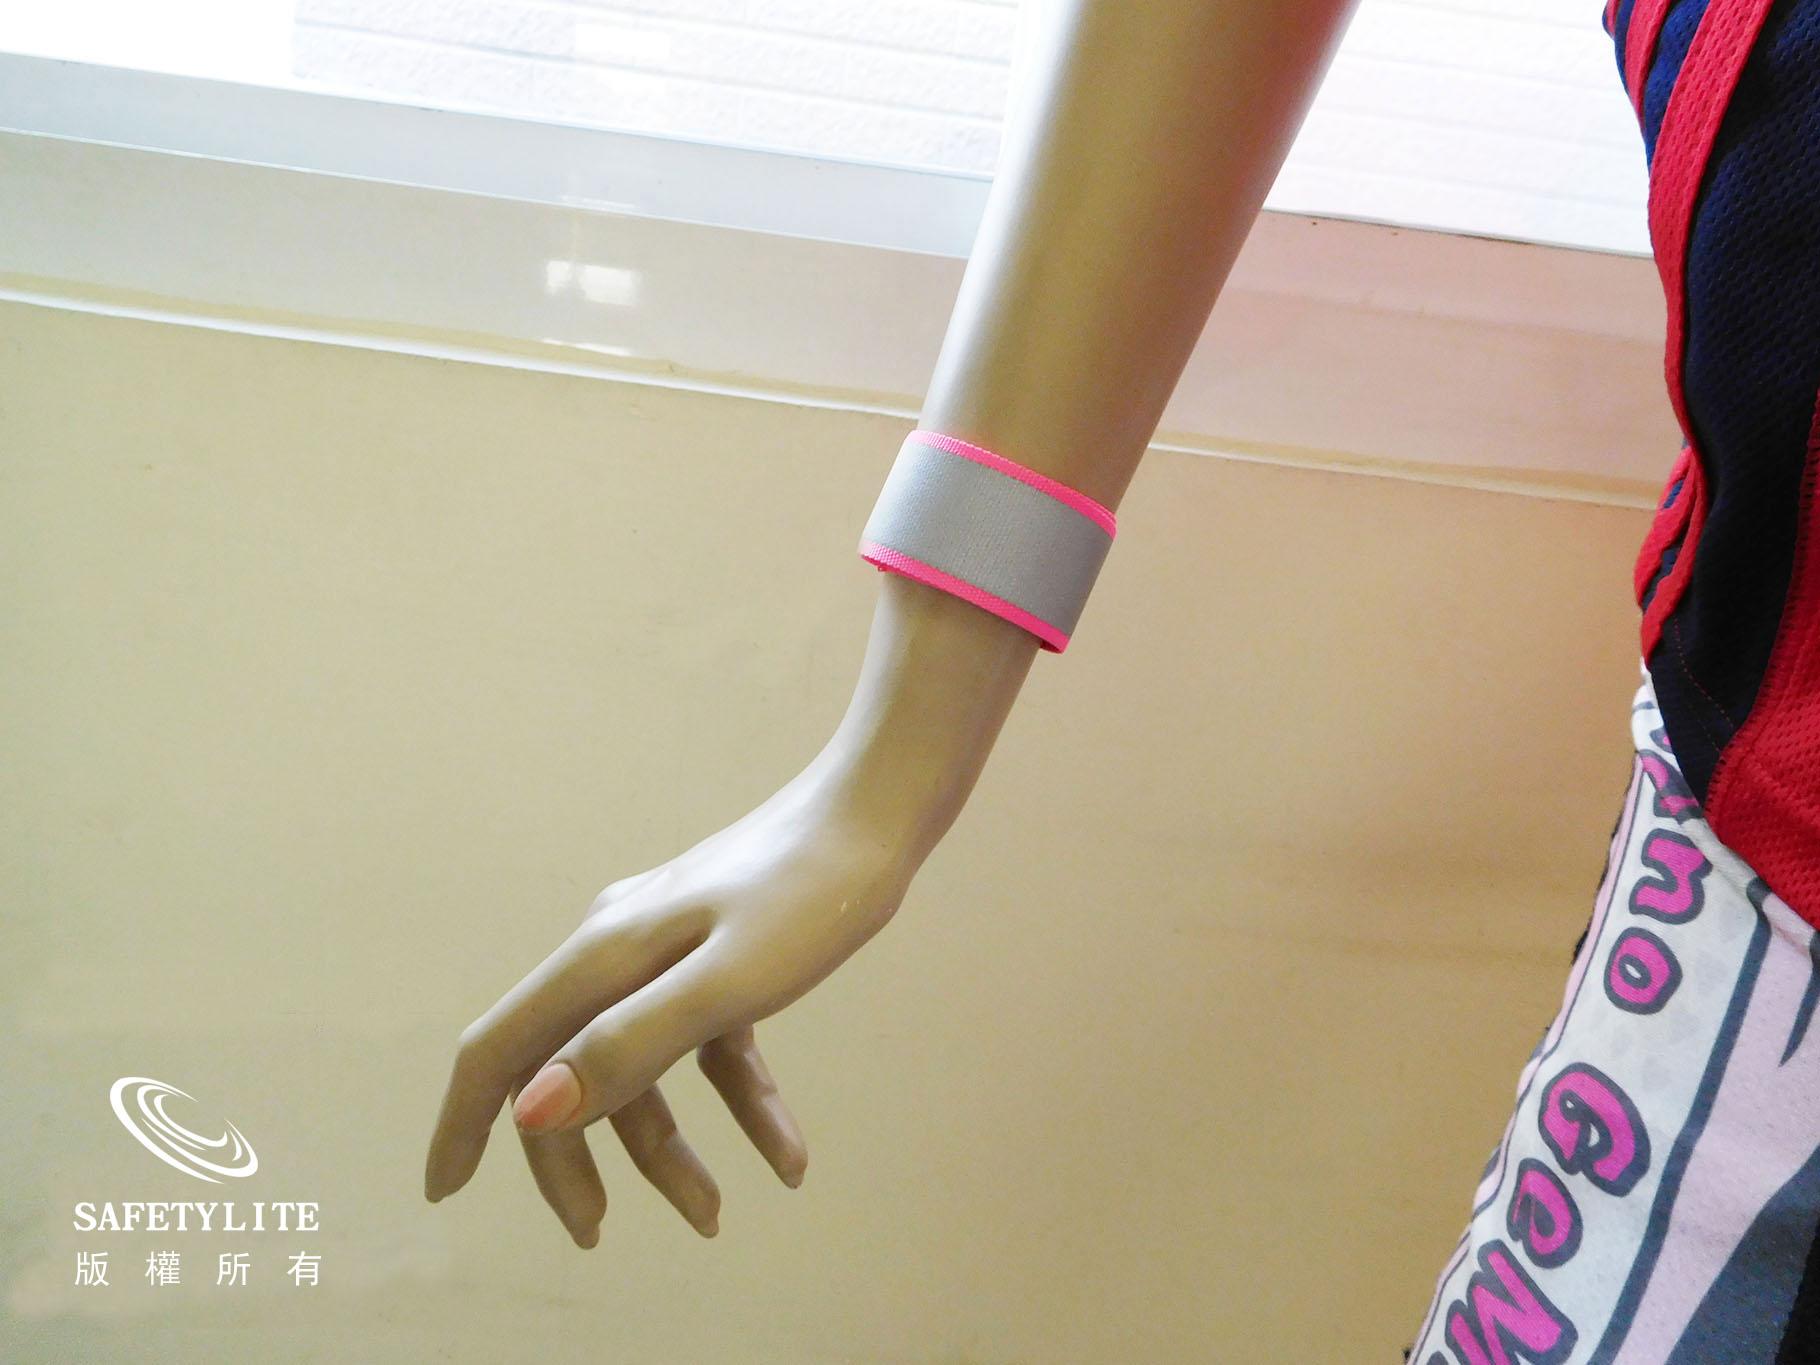 【safetylite安心生活館】《滿額899免運》一拍即合反光織帶手腕帶/迷人閃耀/男女皆適合/街跑百搭-3M Scotchlite™